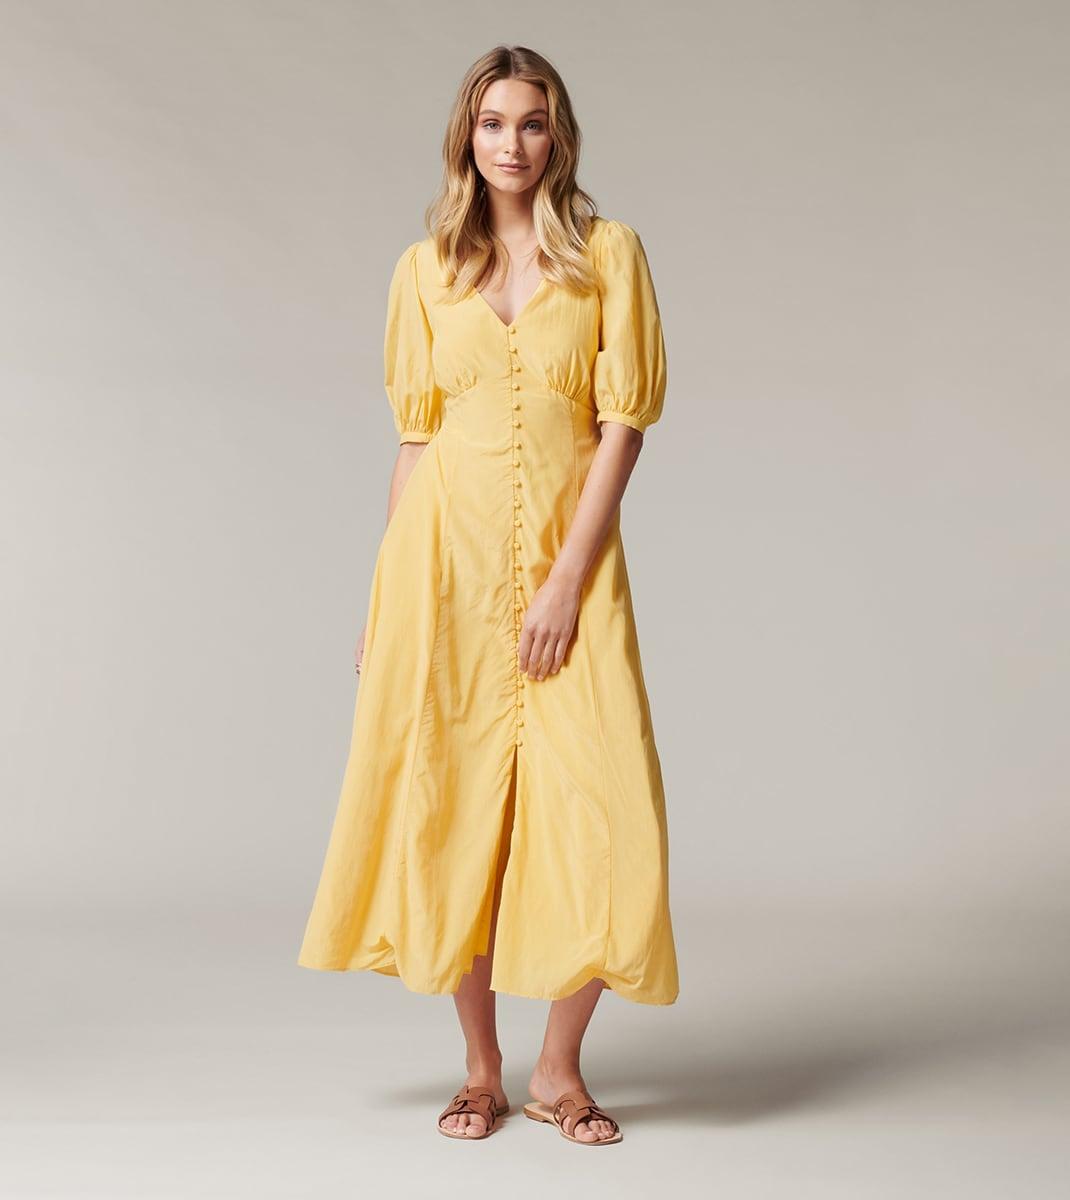 Women's Dresses for Brunch